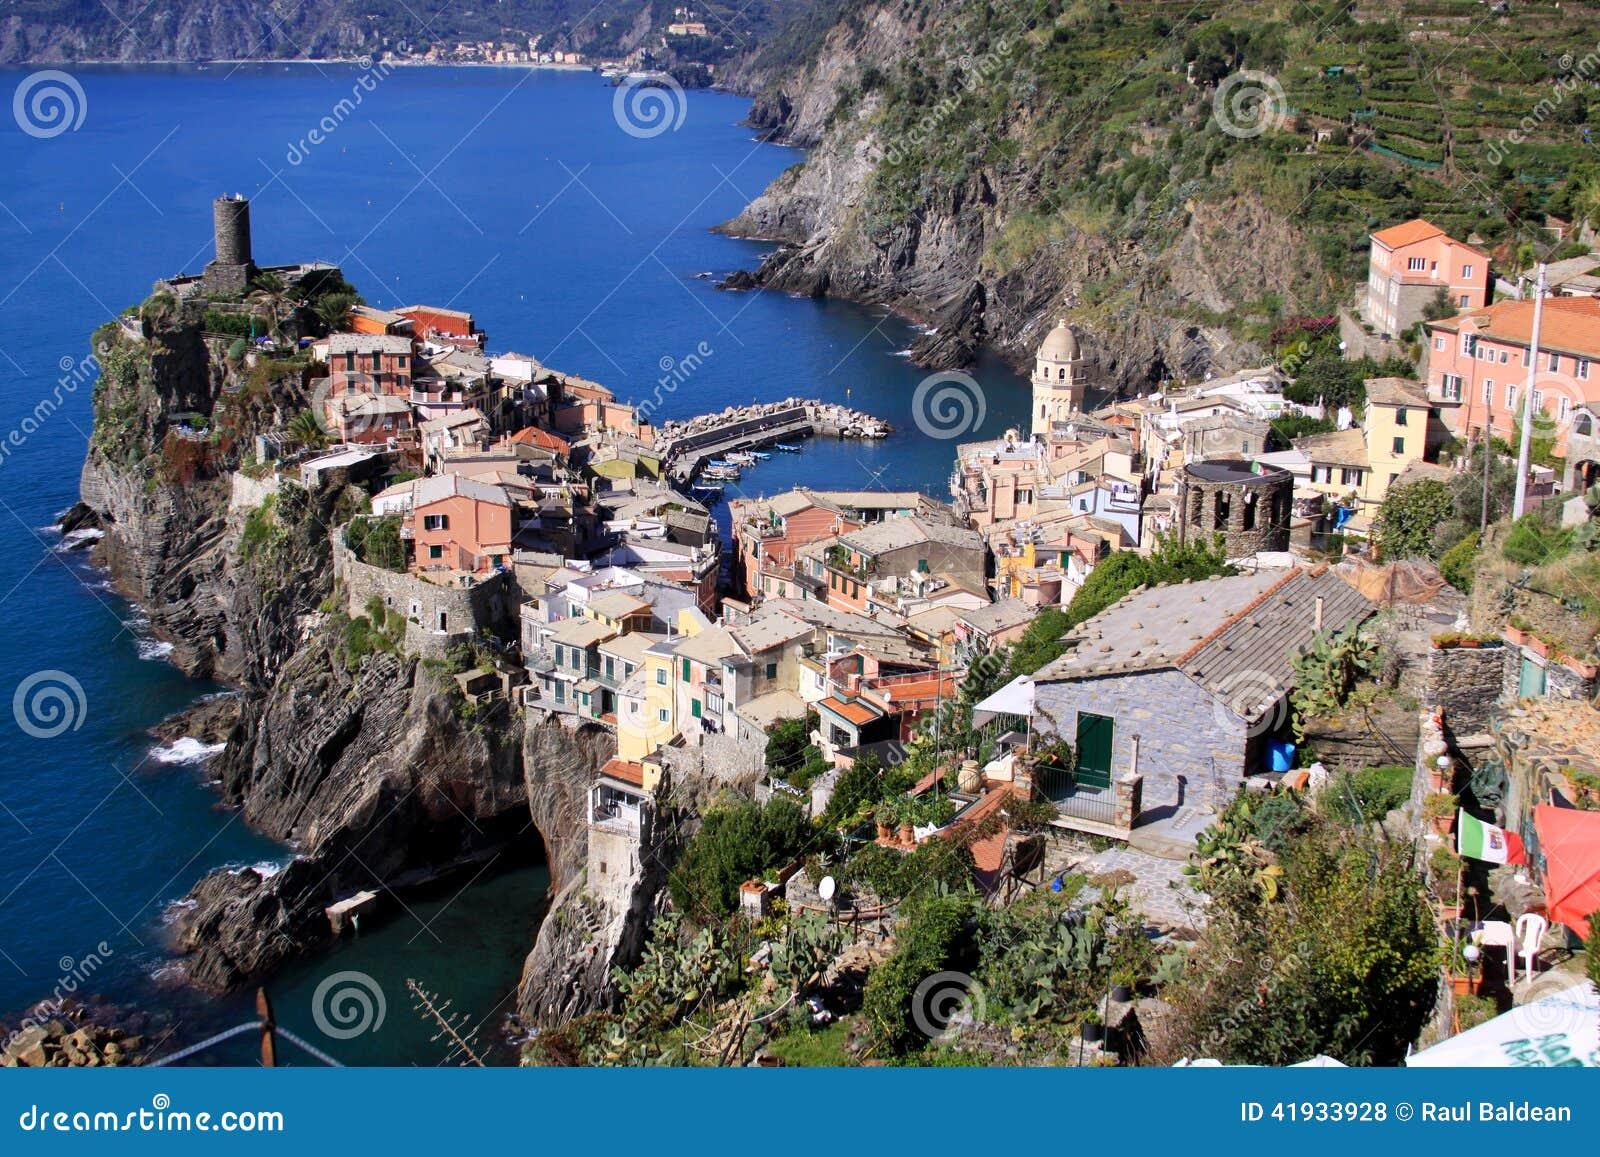 Vernazza, Cinque Terre, Italy - view